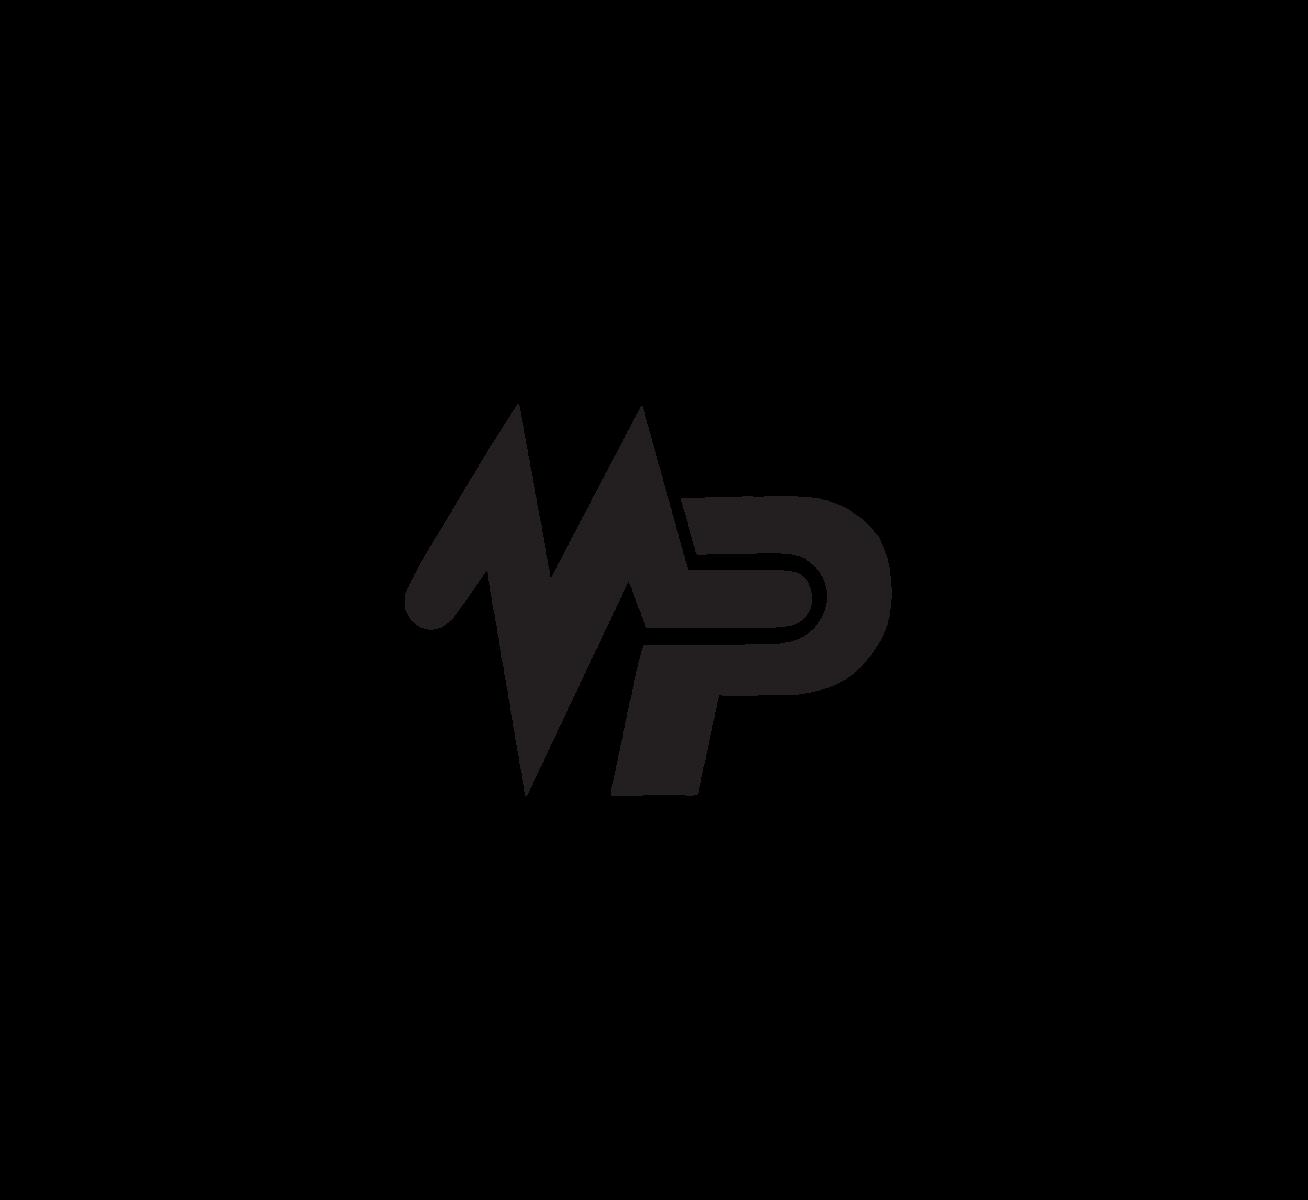 MPS Logo 2020-02-02_SYMBOL BLACK NO OUTLINE